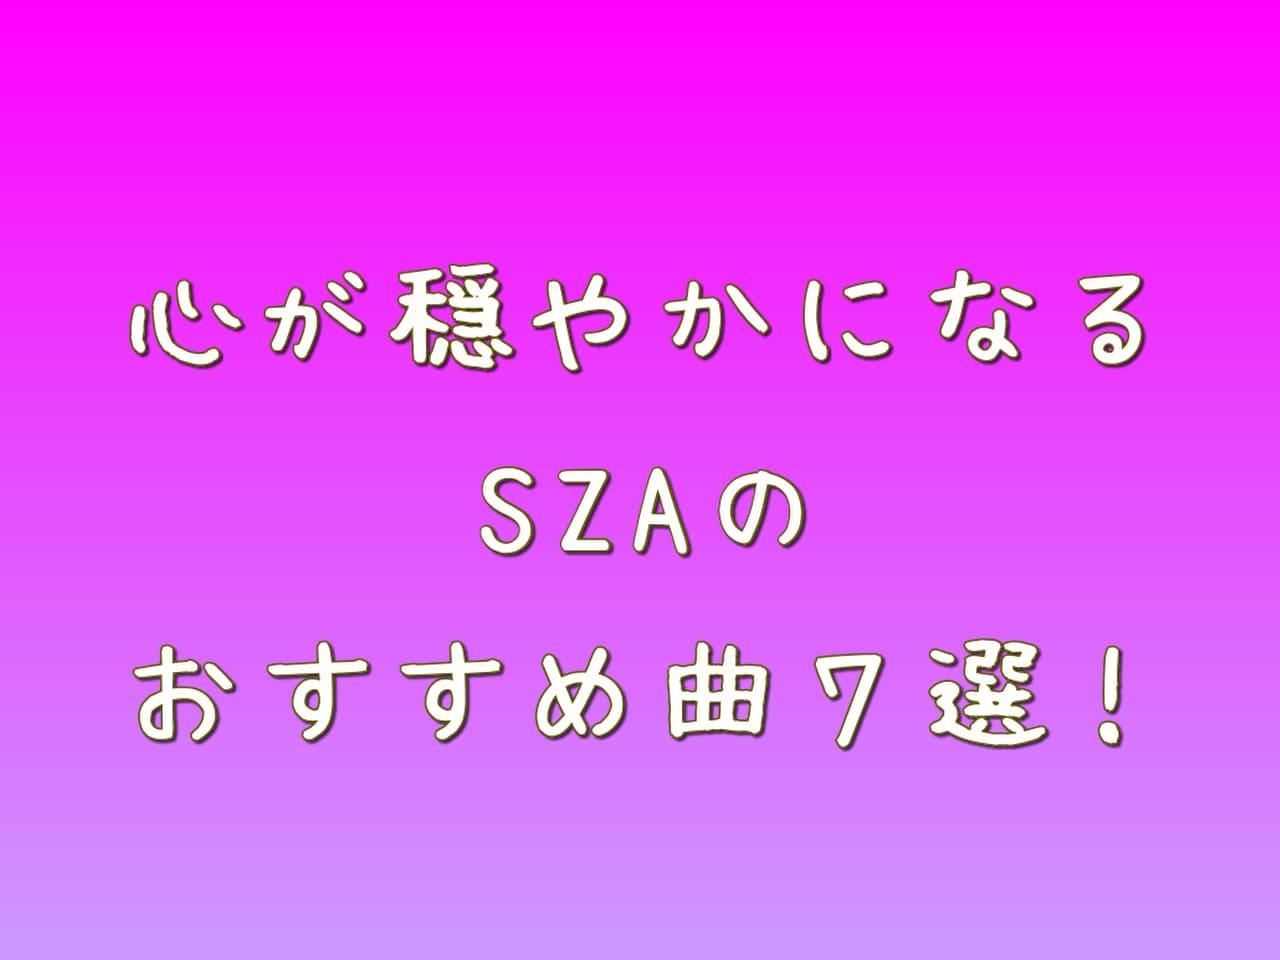 【TDE】心が穏やかになるSZA(シザ)のおすすめ曲7選!